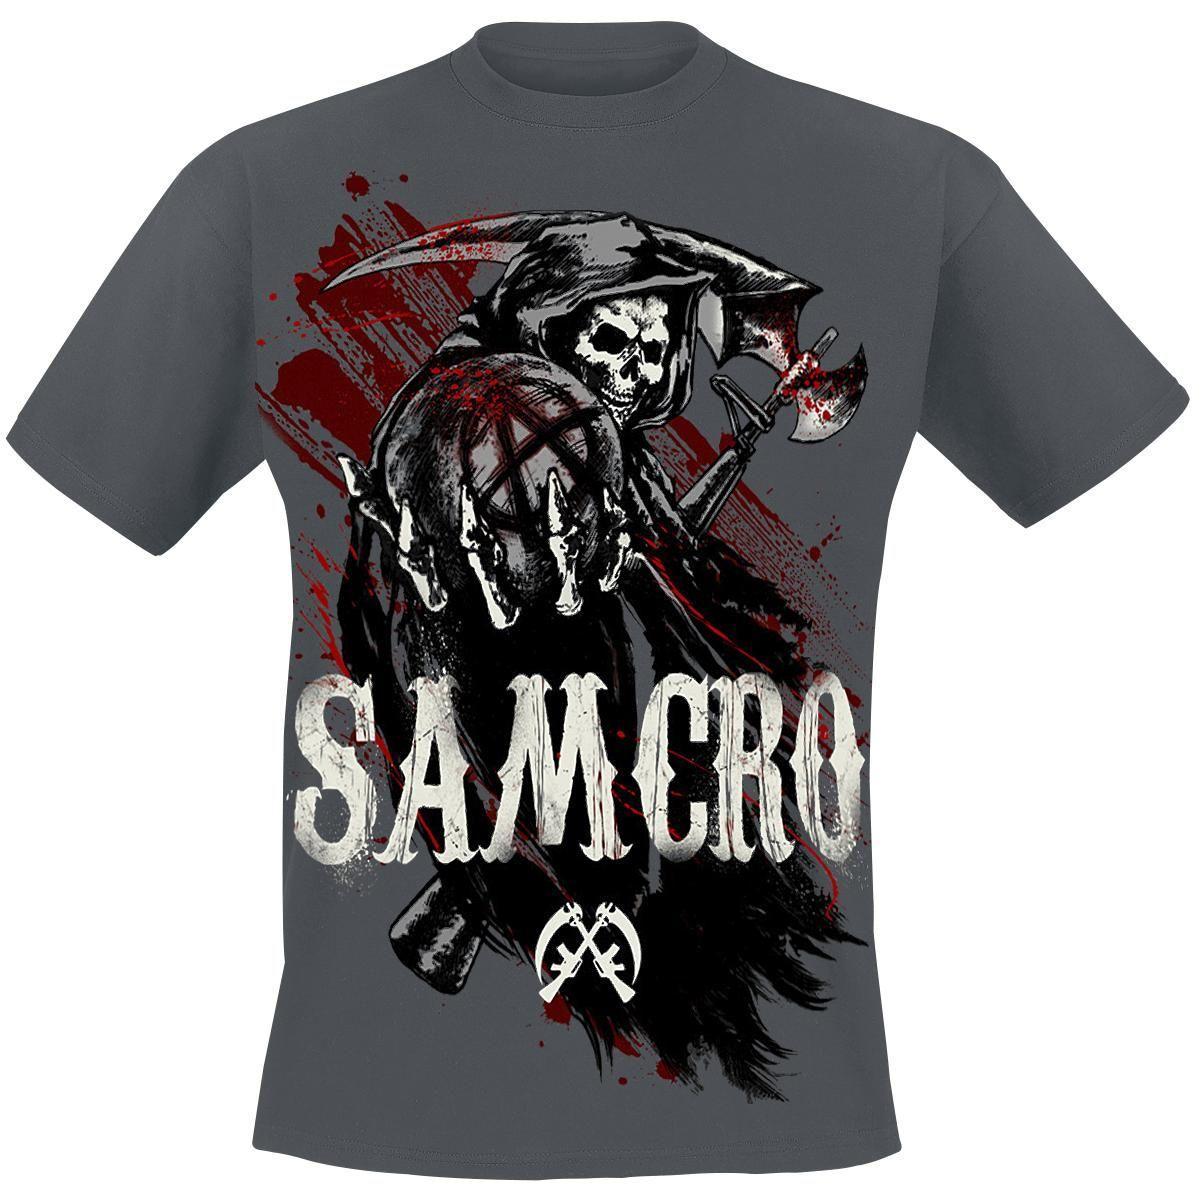 Samcro T-paita koko L 22,99€